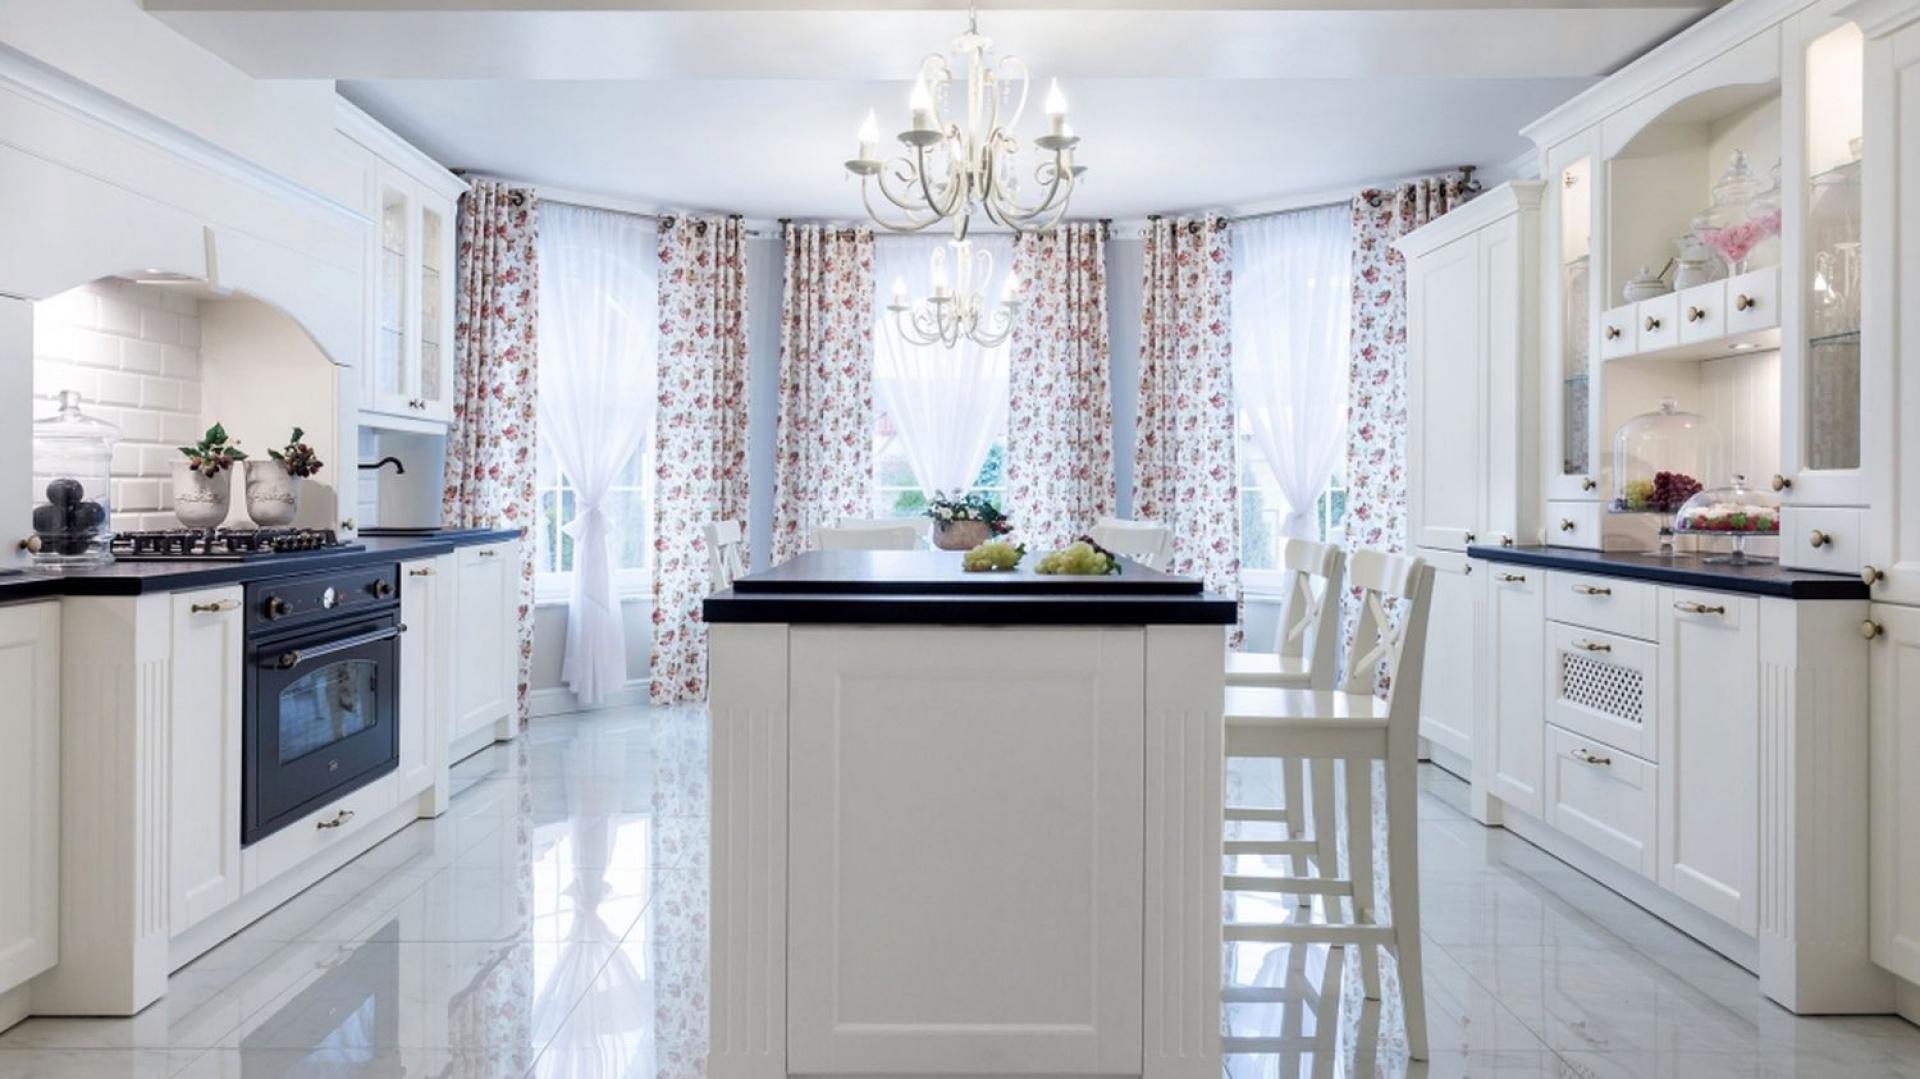 Klasyczne meble kuchenne w Klasyczna kuchnia w stylu   -> Kuchnia W Prowansalskim Stylu